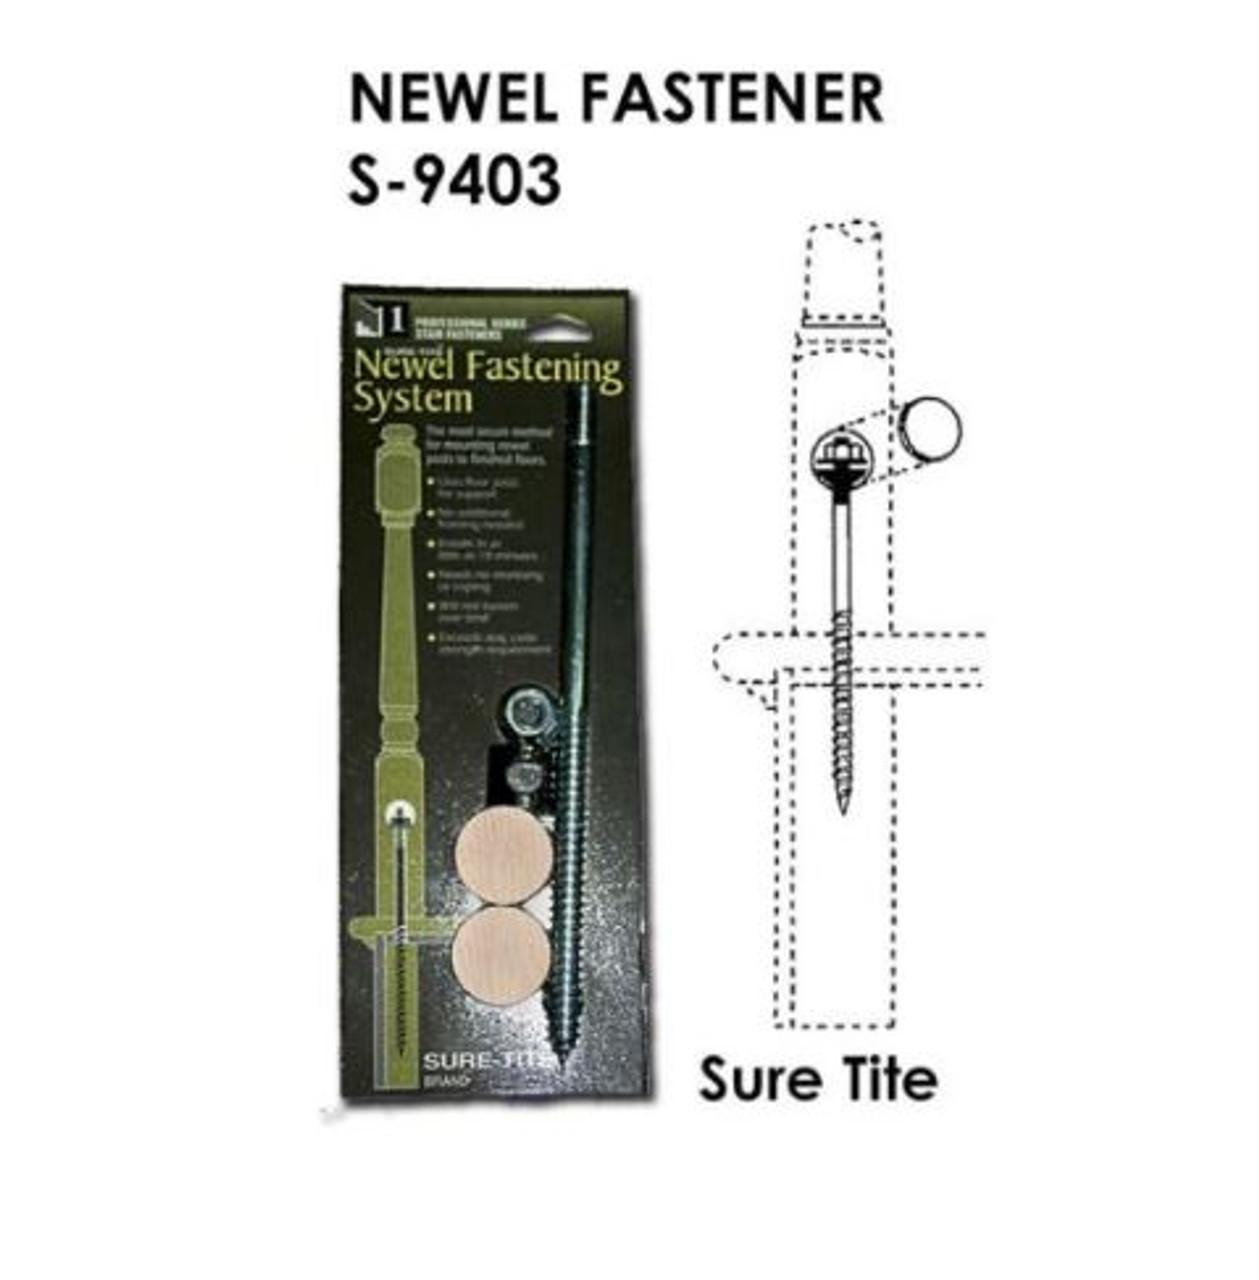 S-9403-HOF Sure-Tite Newel Fastener